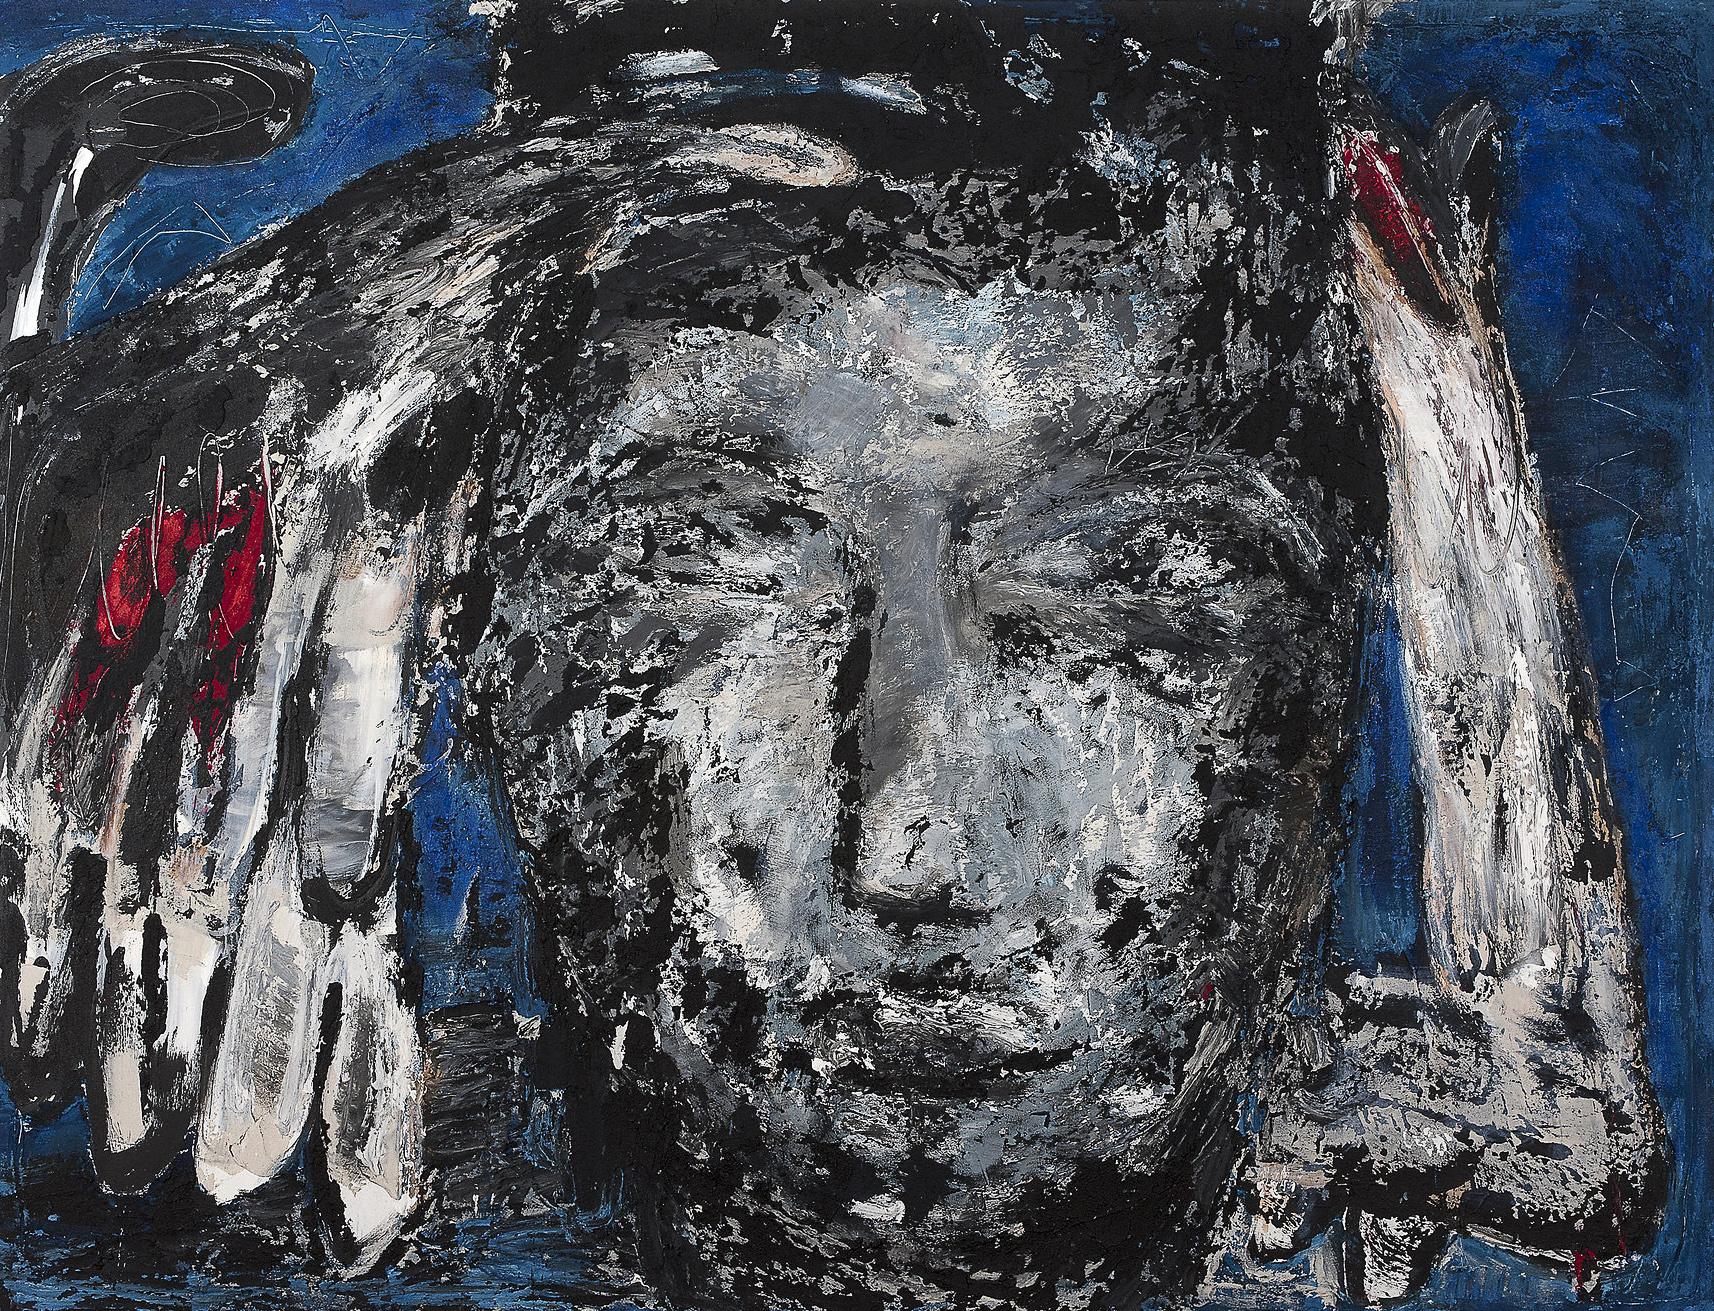 Ikarus, 2014, Mischtechnik auf Leinwand, 250 x 200 cm